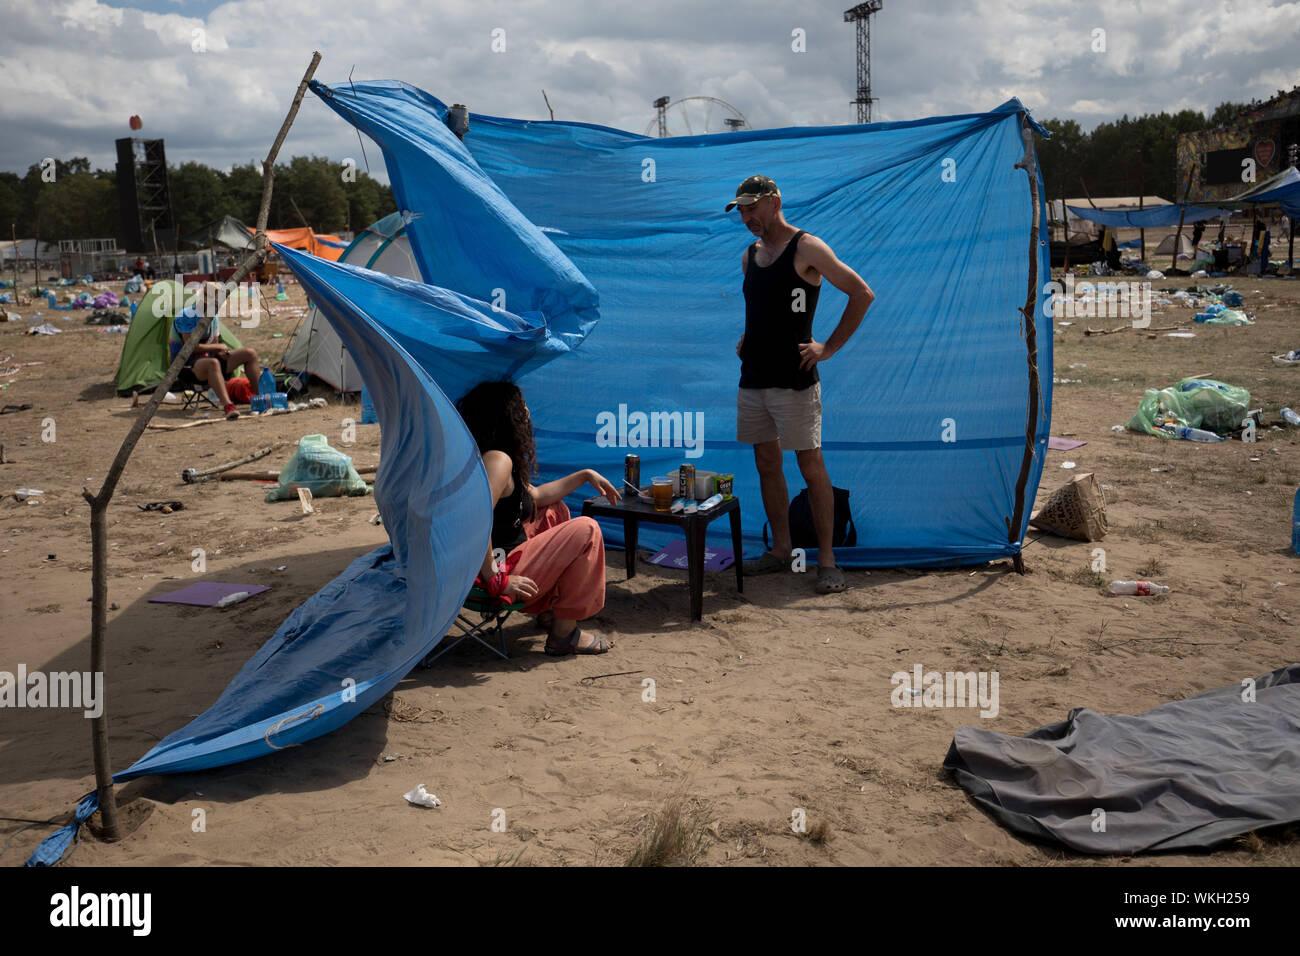 Kostrzyn nad Odra, Polen - 05 August 2018: die Sicht der Menschen auf Camping während Pol und Rock Festival früher Woodstock Festival Stockfoto